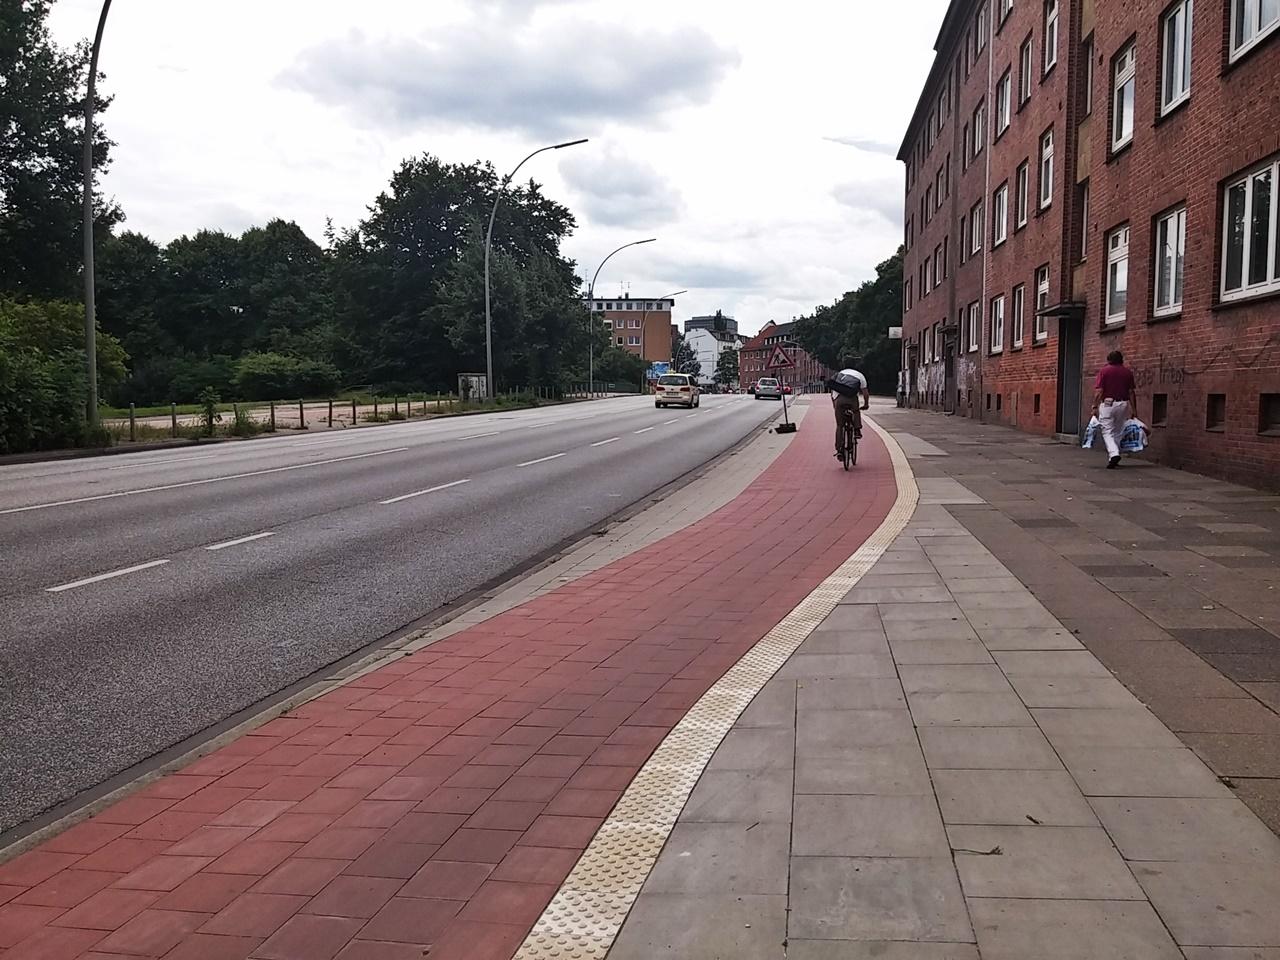 Die breite des neuen Radweges an der Schürbeker Straße bleibt nach der Kreuzung mit dem Immenhof erhalten.